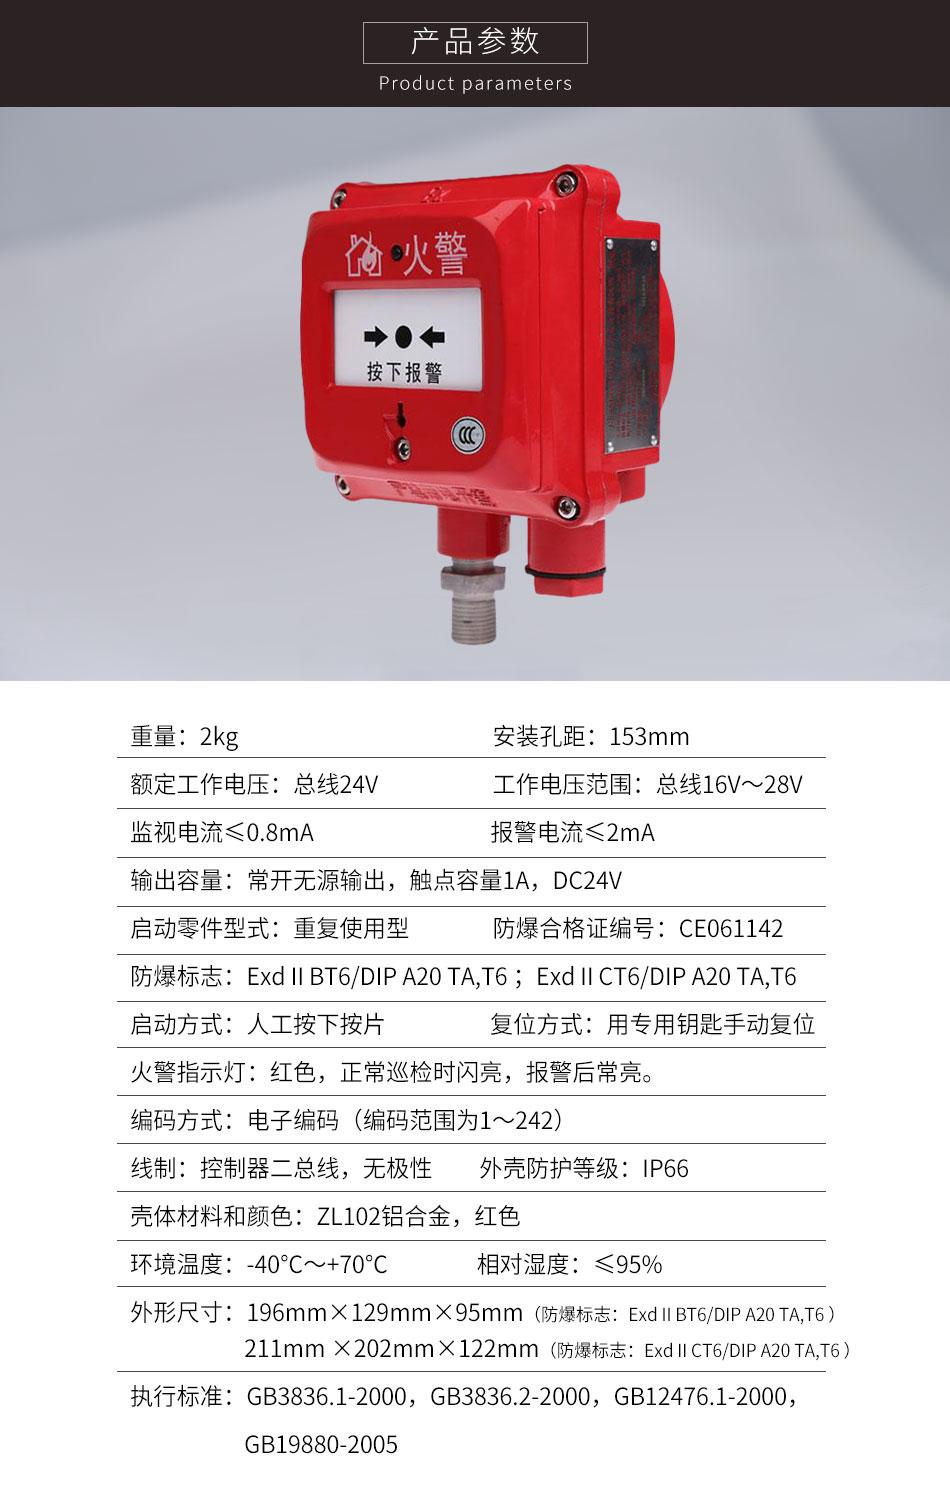 J-SAM-GST9116隔爆型手动火灾报警按钮参数